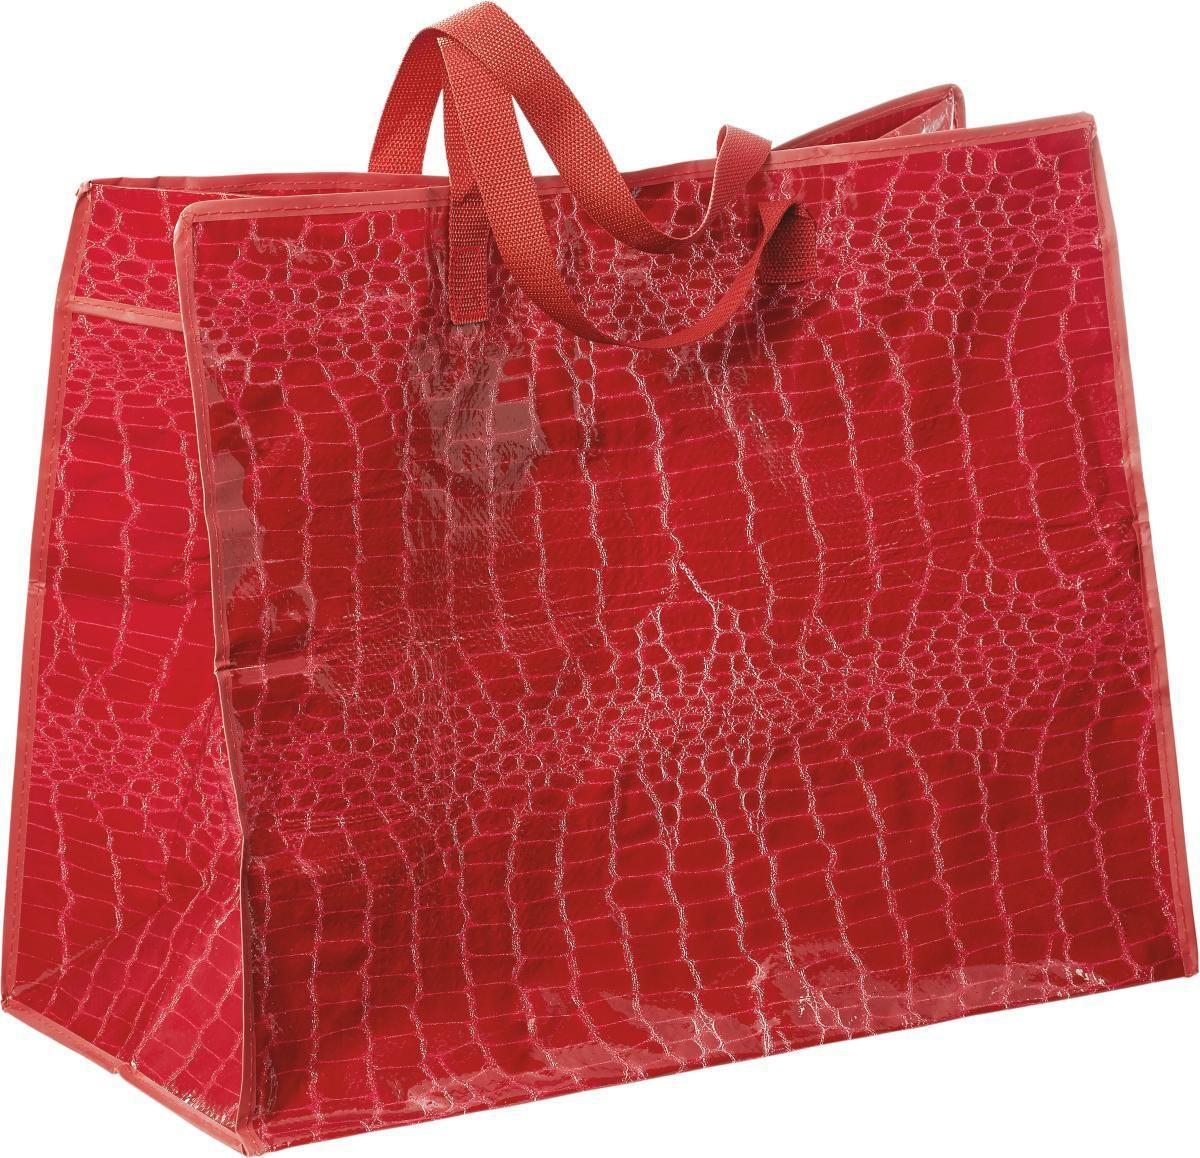 Bevásárlótáska Jenny - piros/szürke, konvencionális, műanyag (60/48/30cm) - MÖMAX modern living